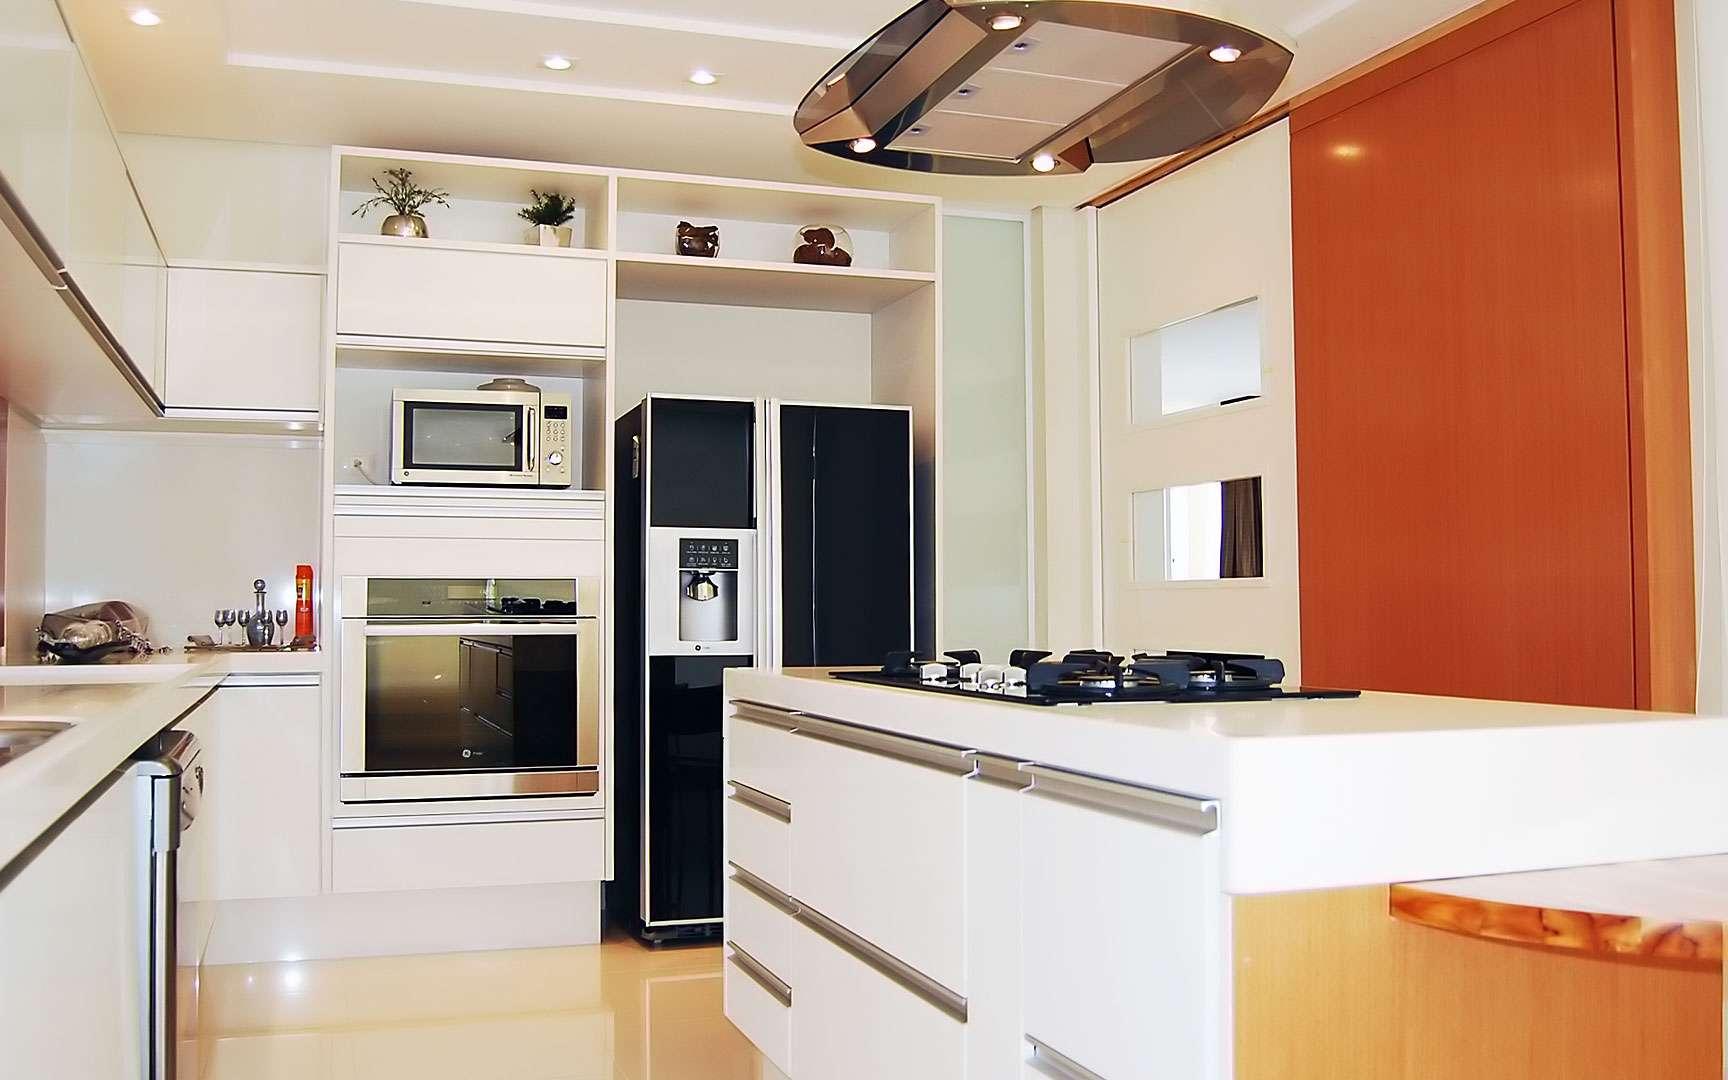 Une cuisine moderne et fonctionnelle. Cette cuisine ultramoderne comprend beaucoup de rangements, ce qui rend la pièce très fonctionnelle. © Favaro JR, Flickr, CC by-nc-sa 2.0